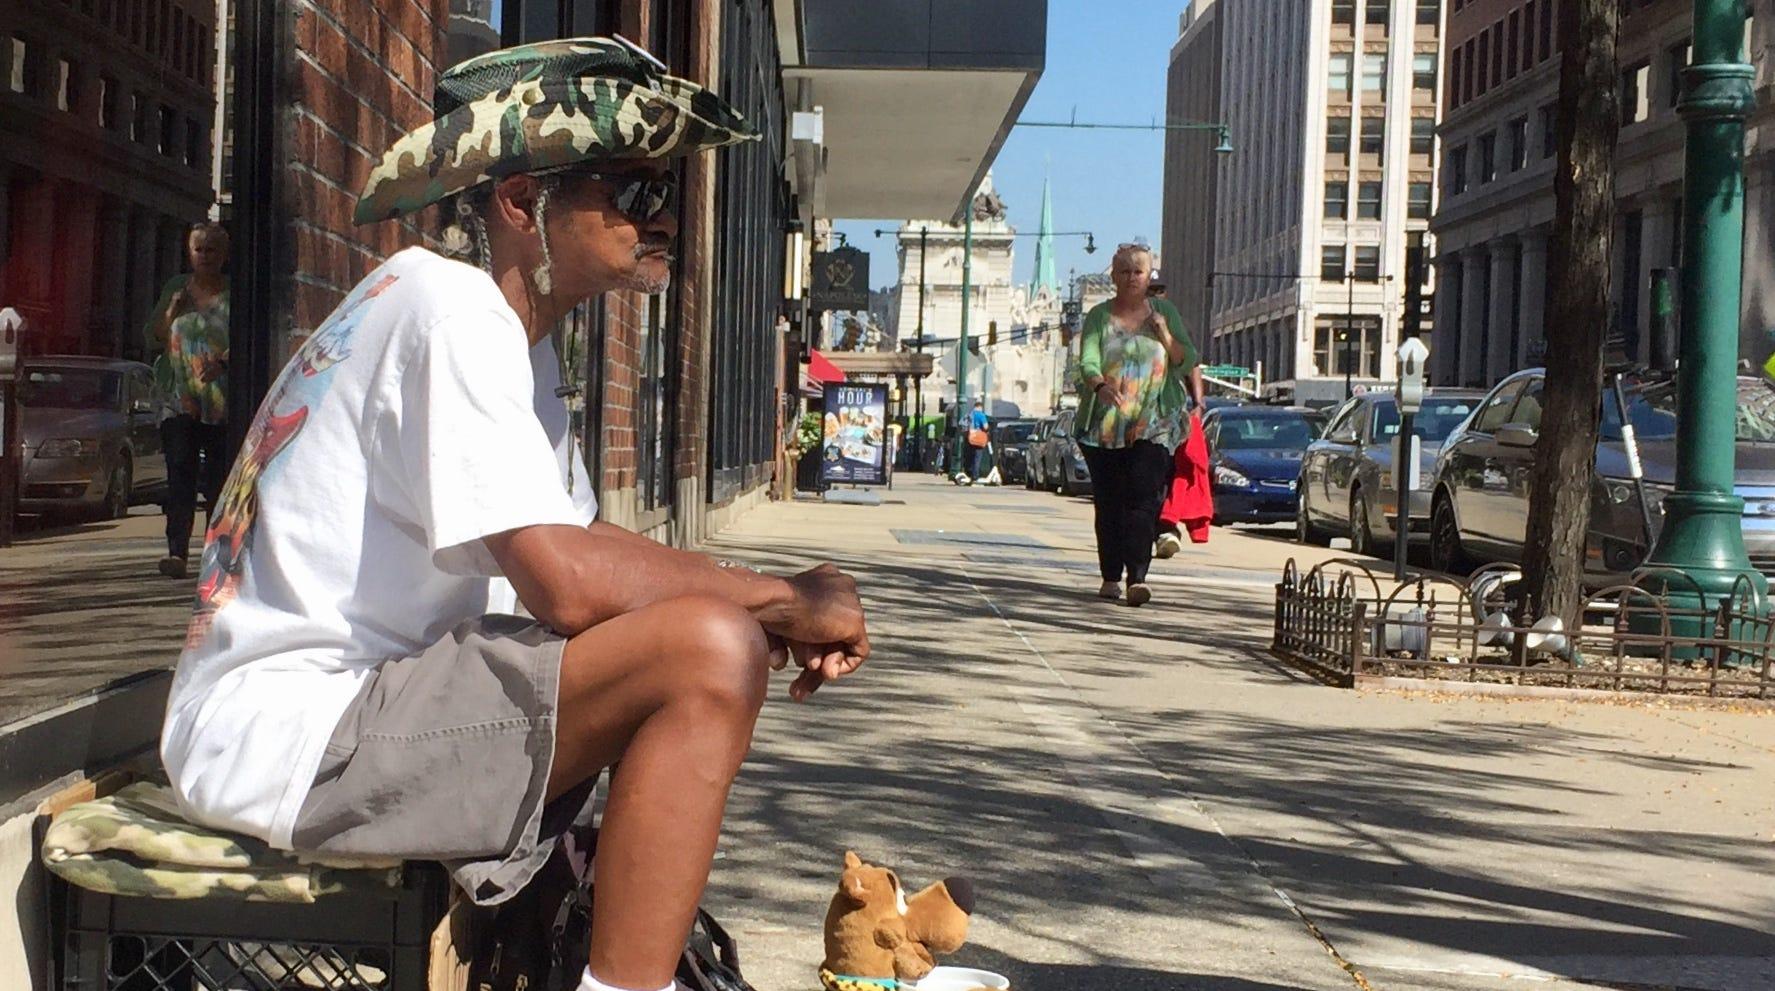 Swarens: Why Indianapolis proposal to stop panhandling won't work